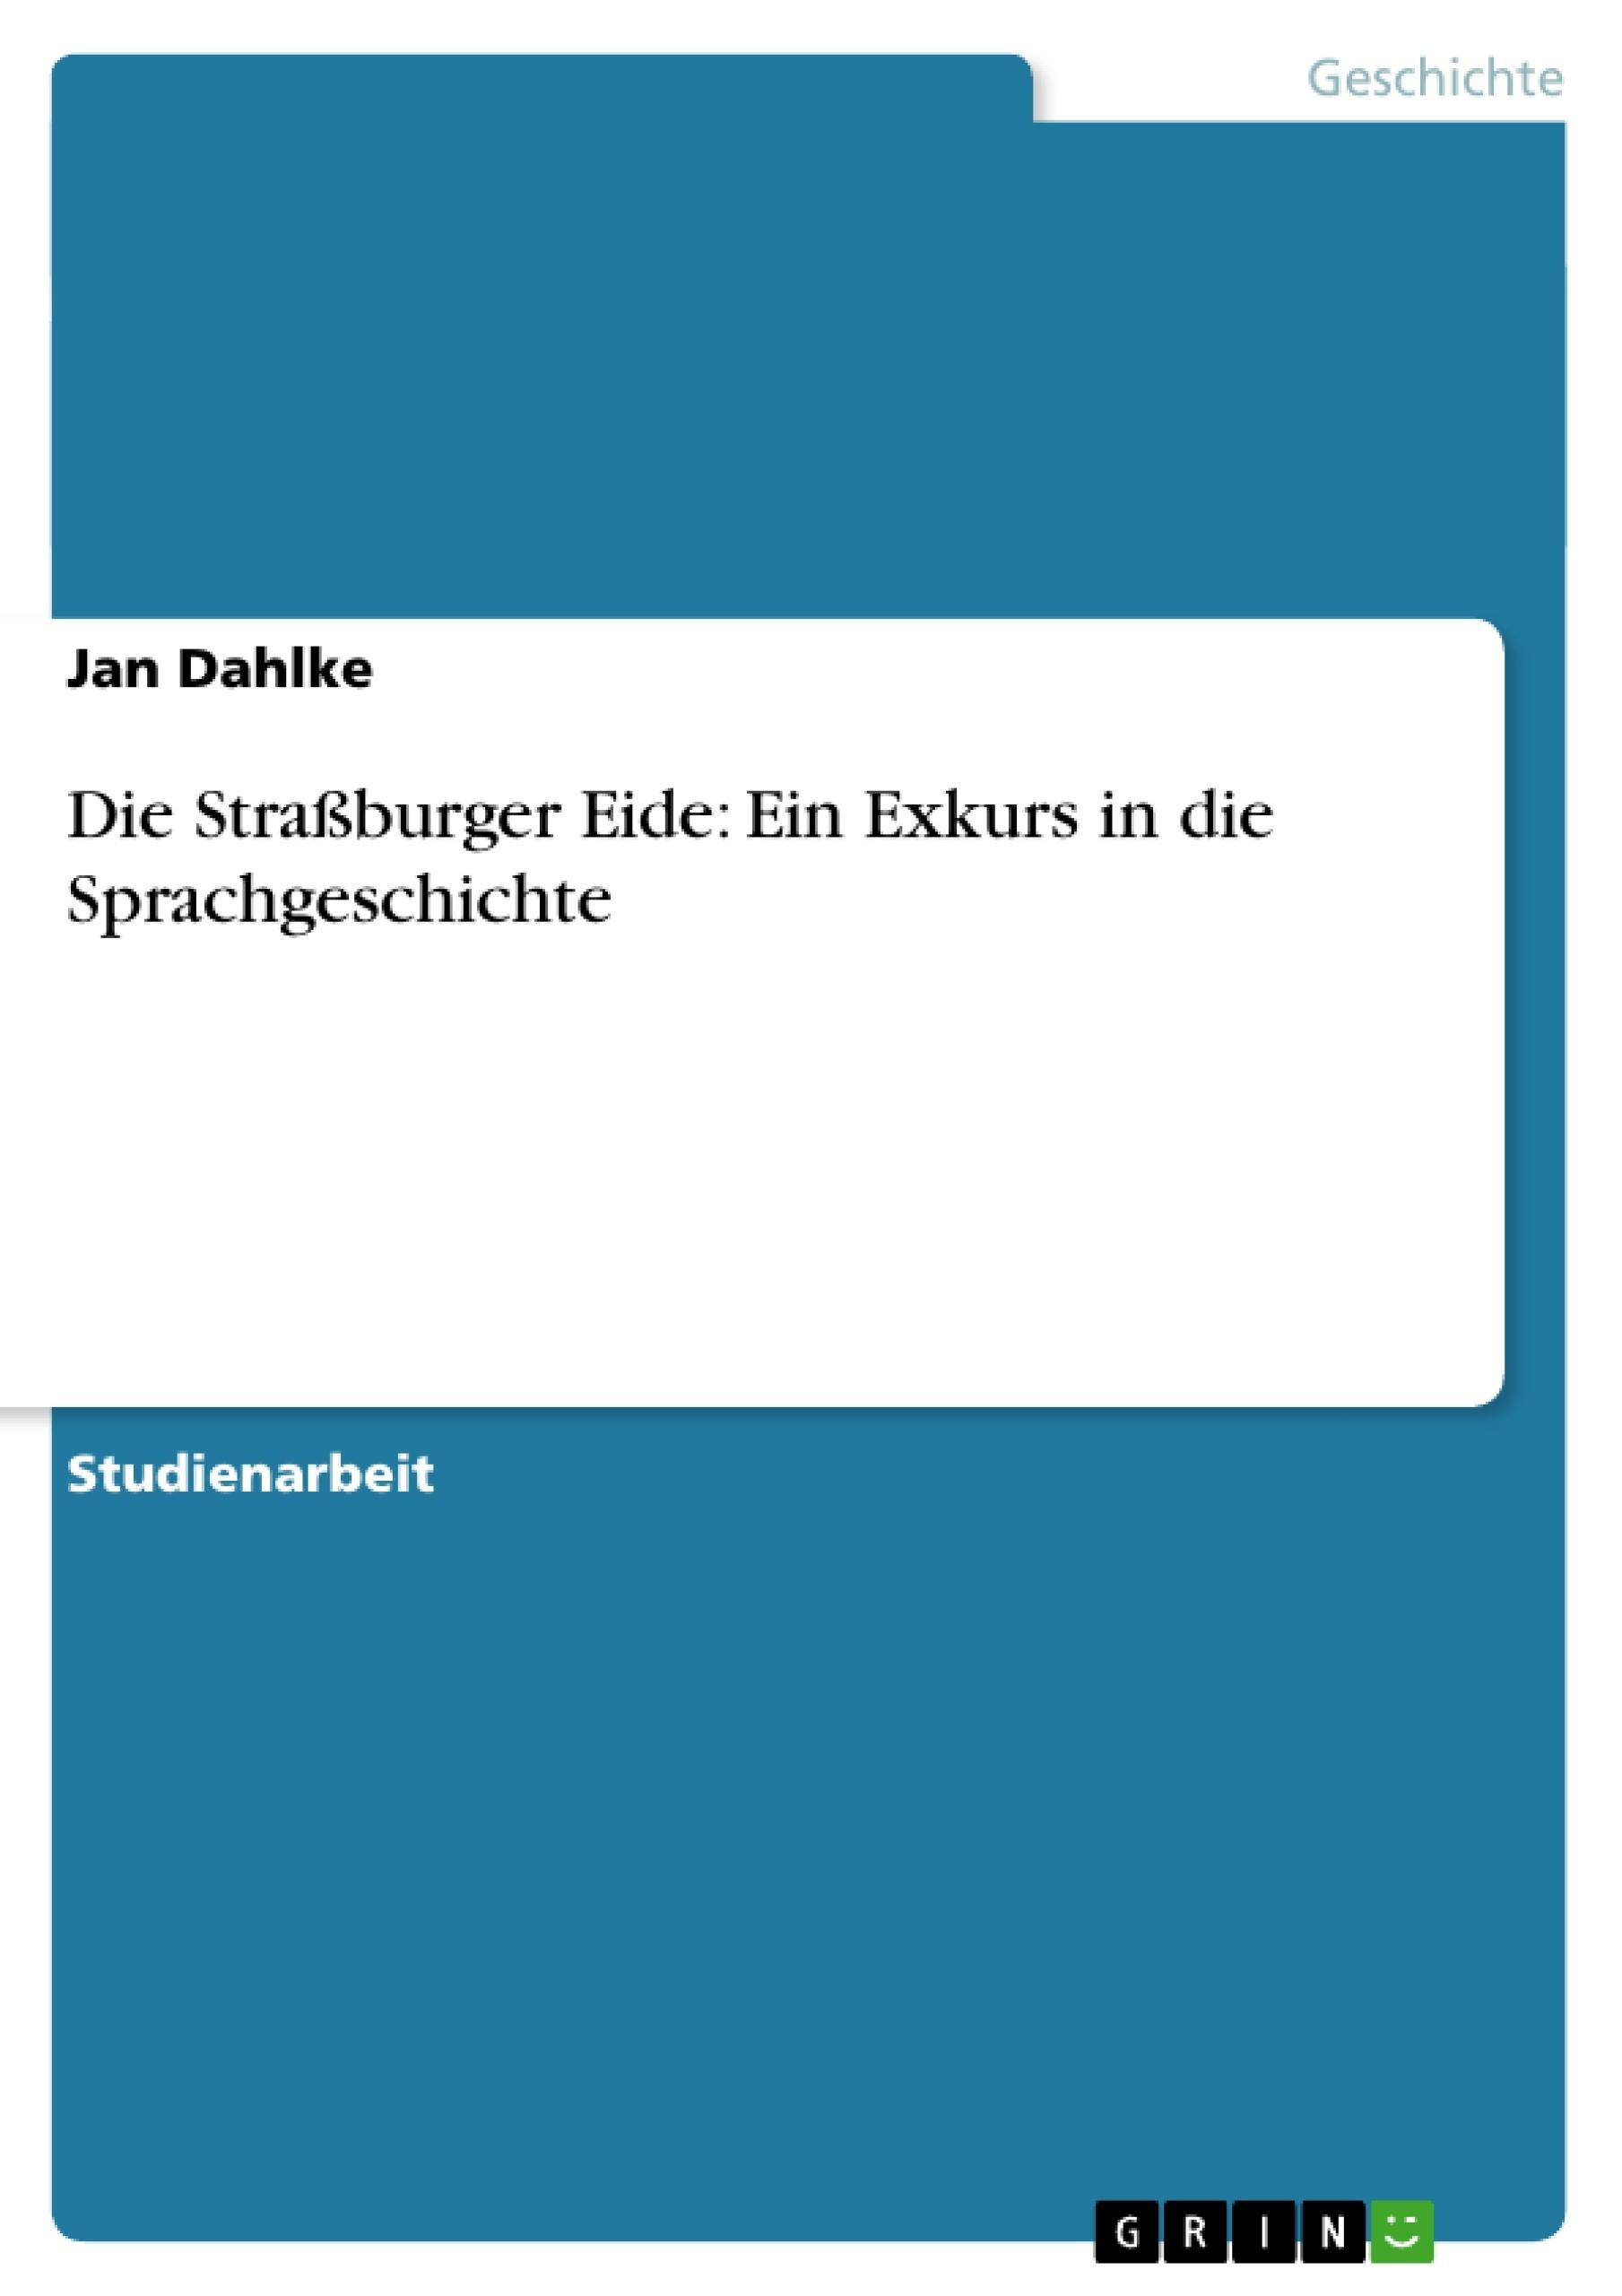 Titel: Die Straßburger Eide: Ein Exkurs in die Sprachgeschichte